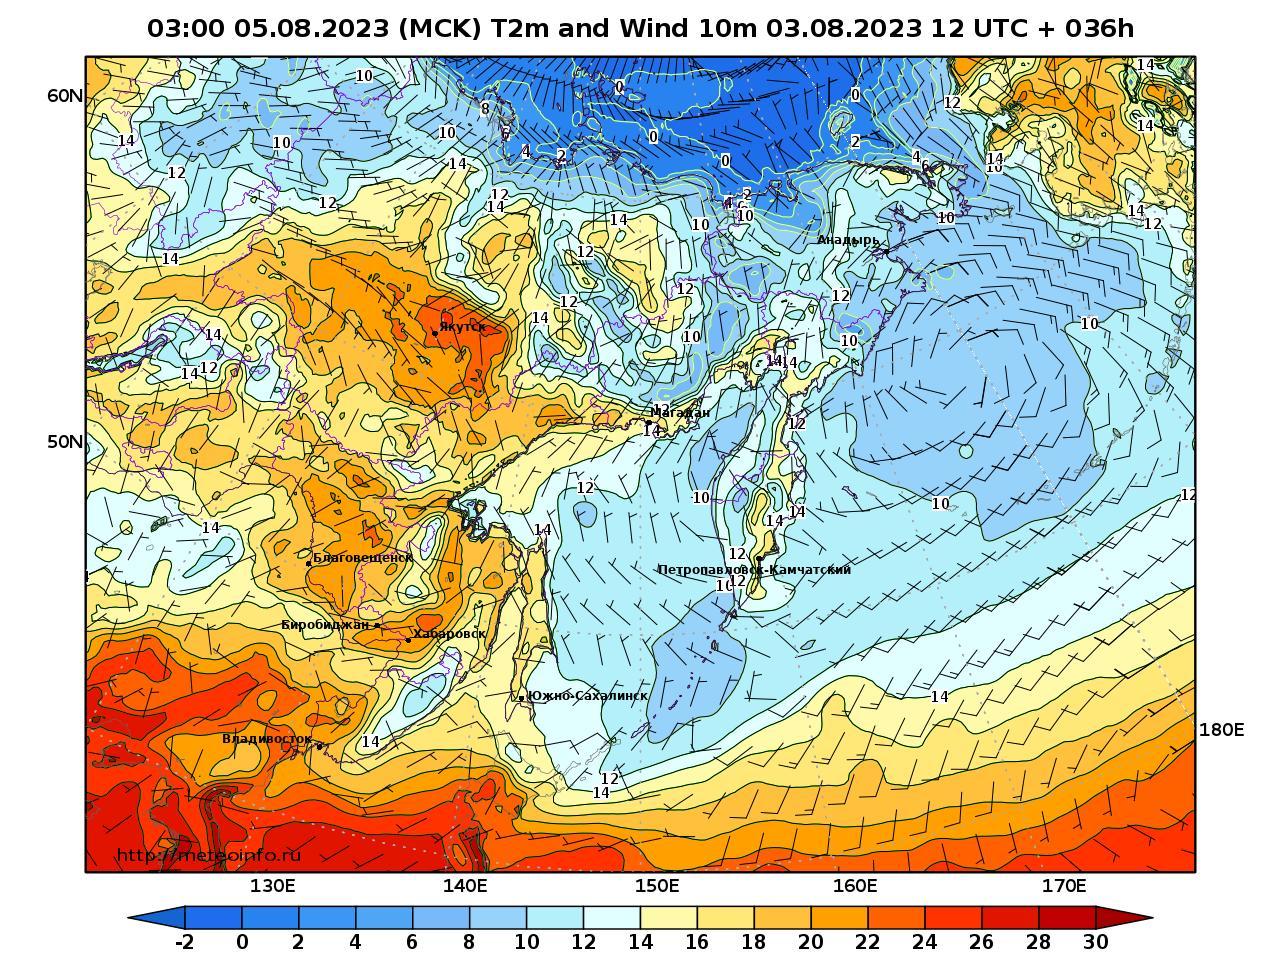 Дальний Восток, прогностическая карта приземная температура, заблаговременность прогноза 36 часов